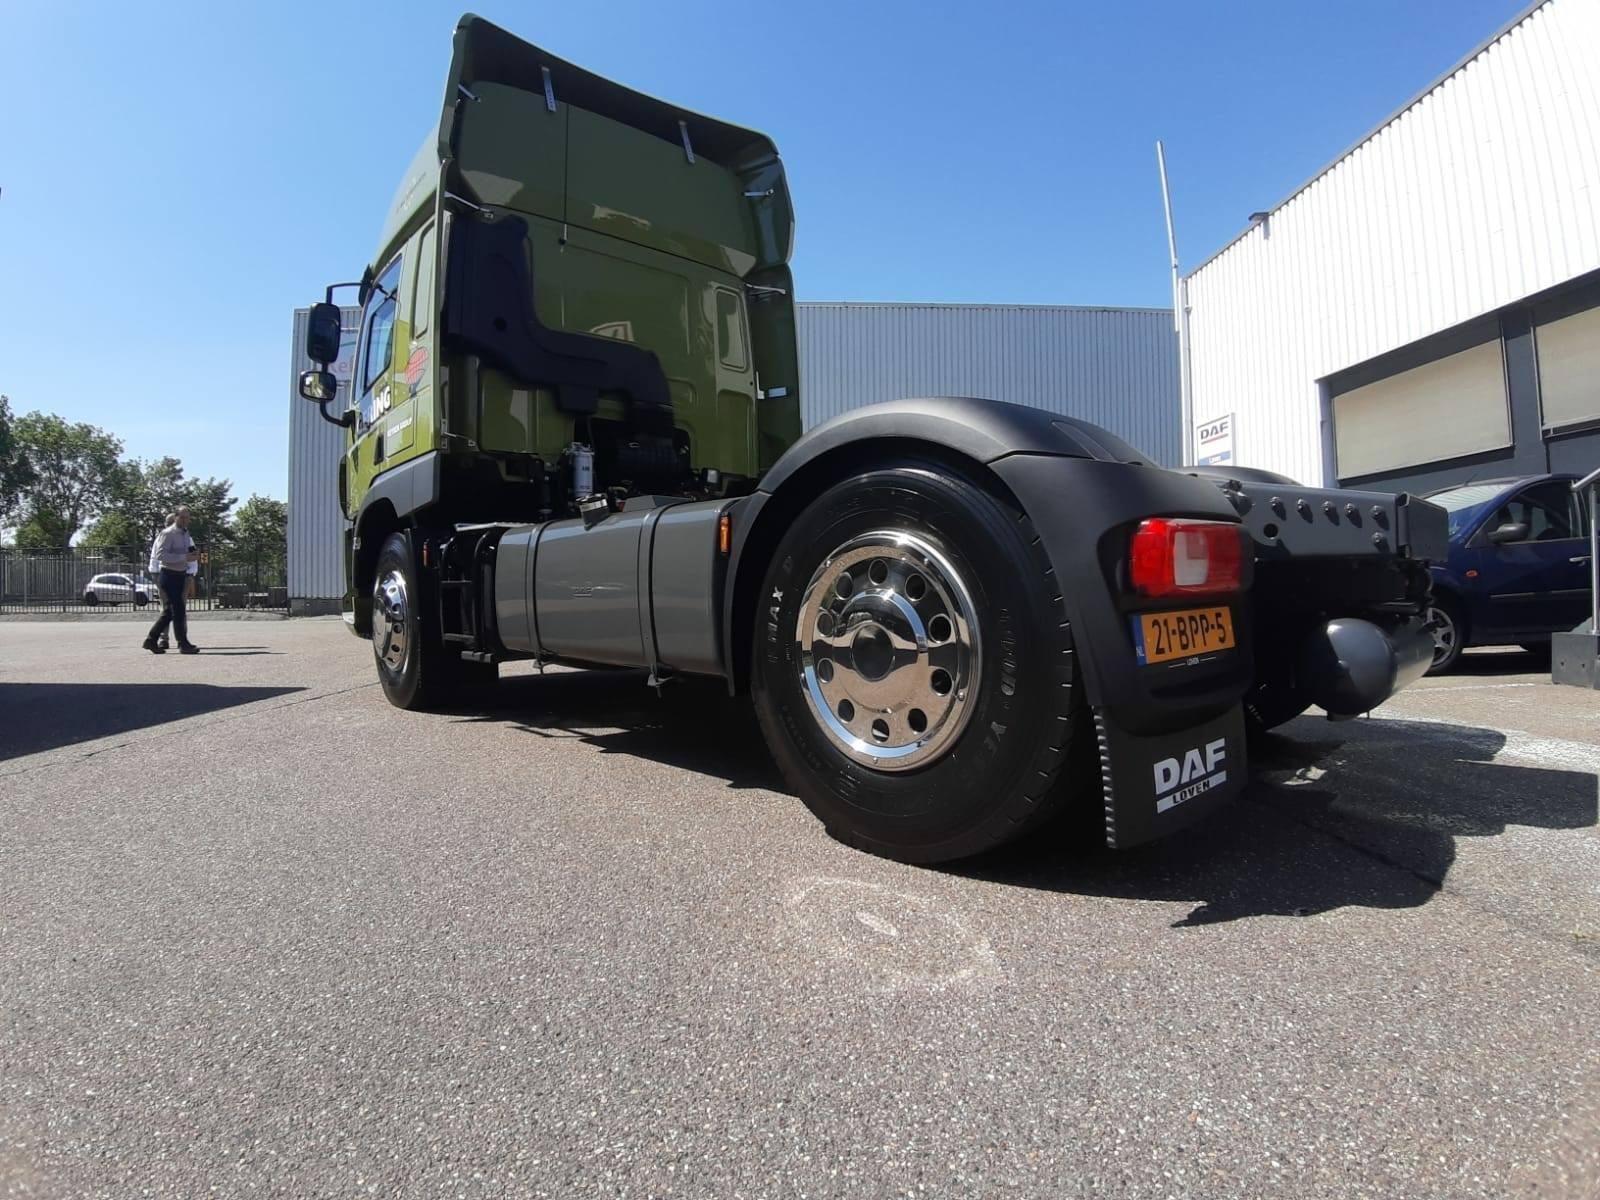 DAF-CF370-FT-Space-Cab-De-heren-van-aflevering-nieuw-hebben-de-truck-voorzien-van-o-a--radio--windshields--wielplaten-en-XM6-brandstofsysteem-beschermingsfilter.--tanks-in-chassis-kleur-1-7-2020-2